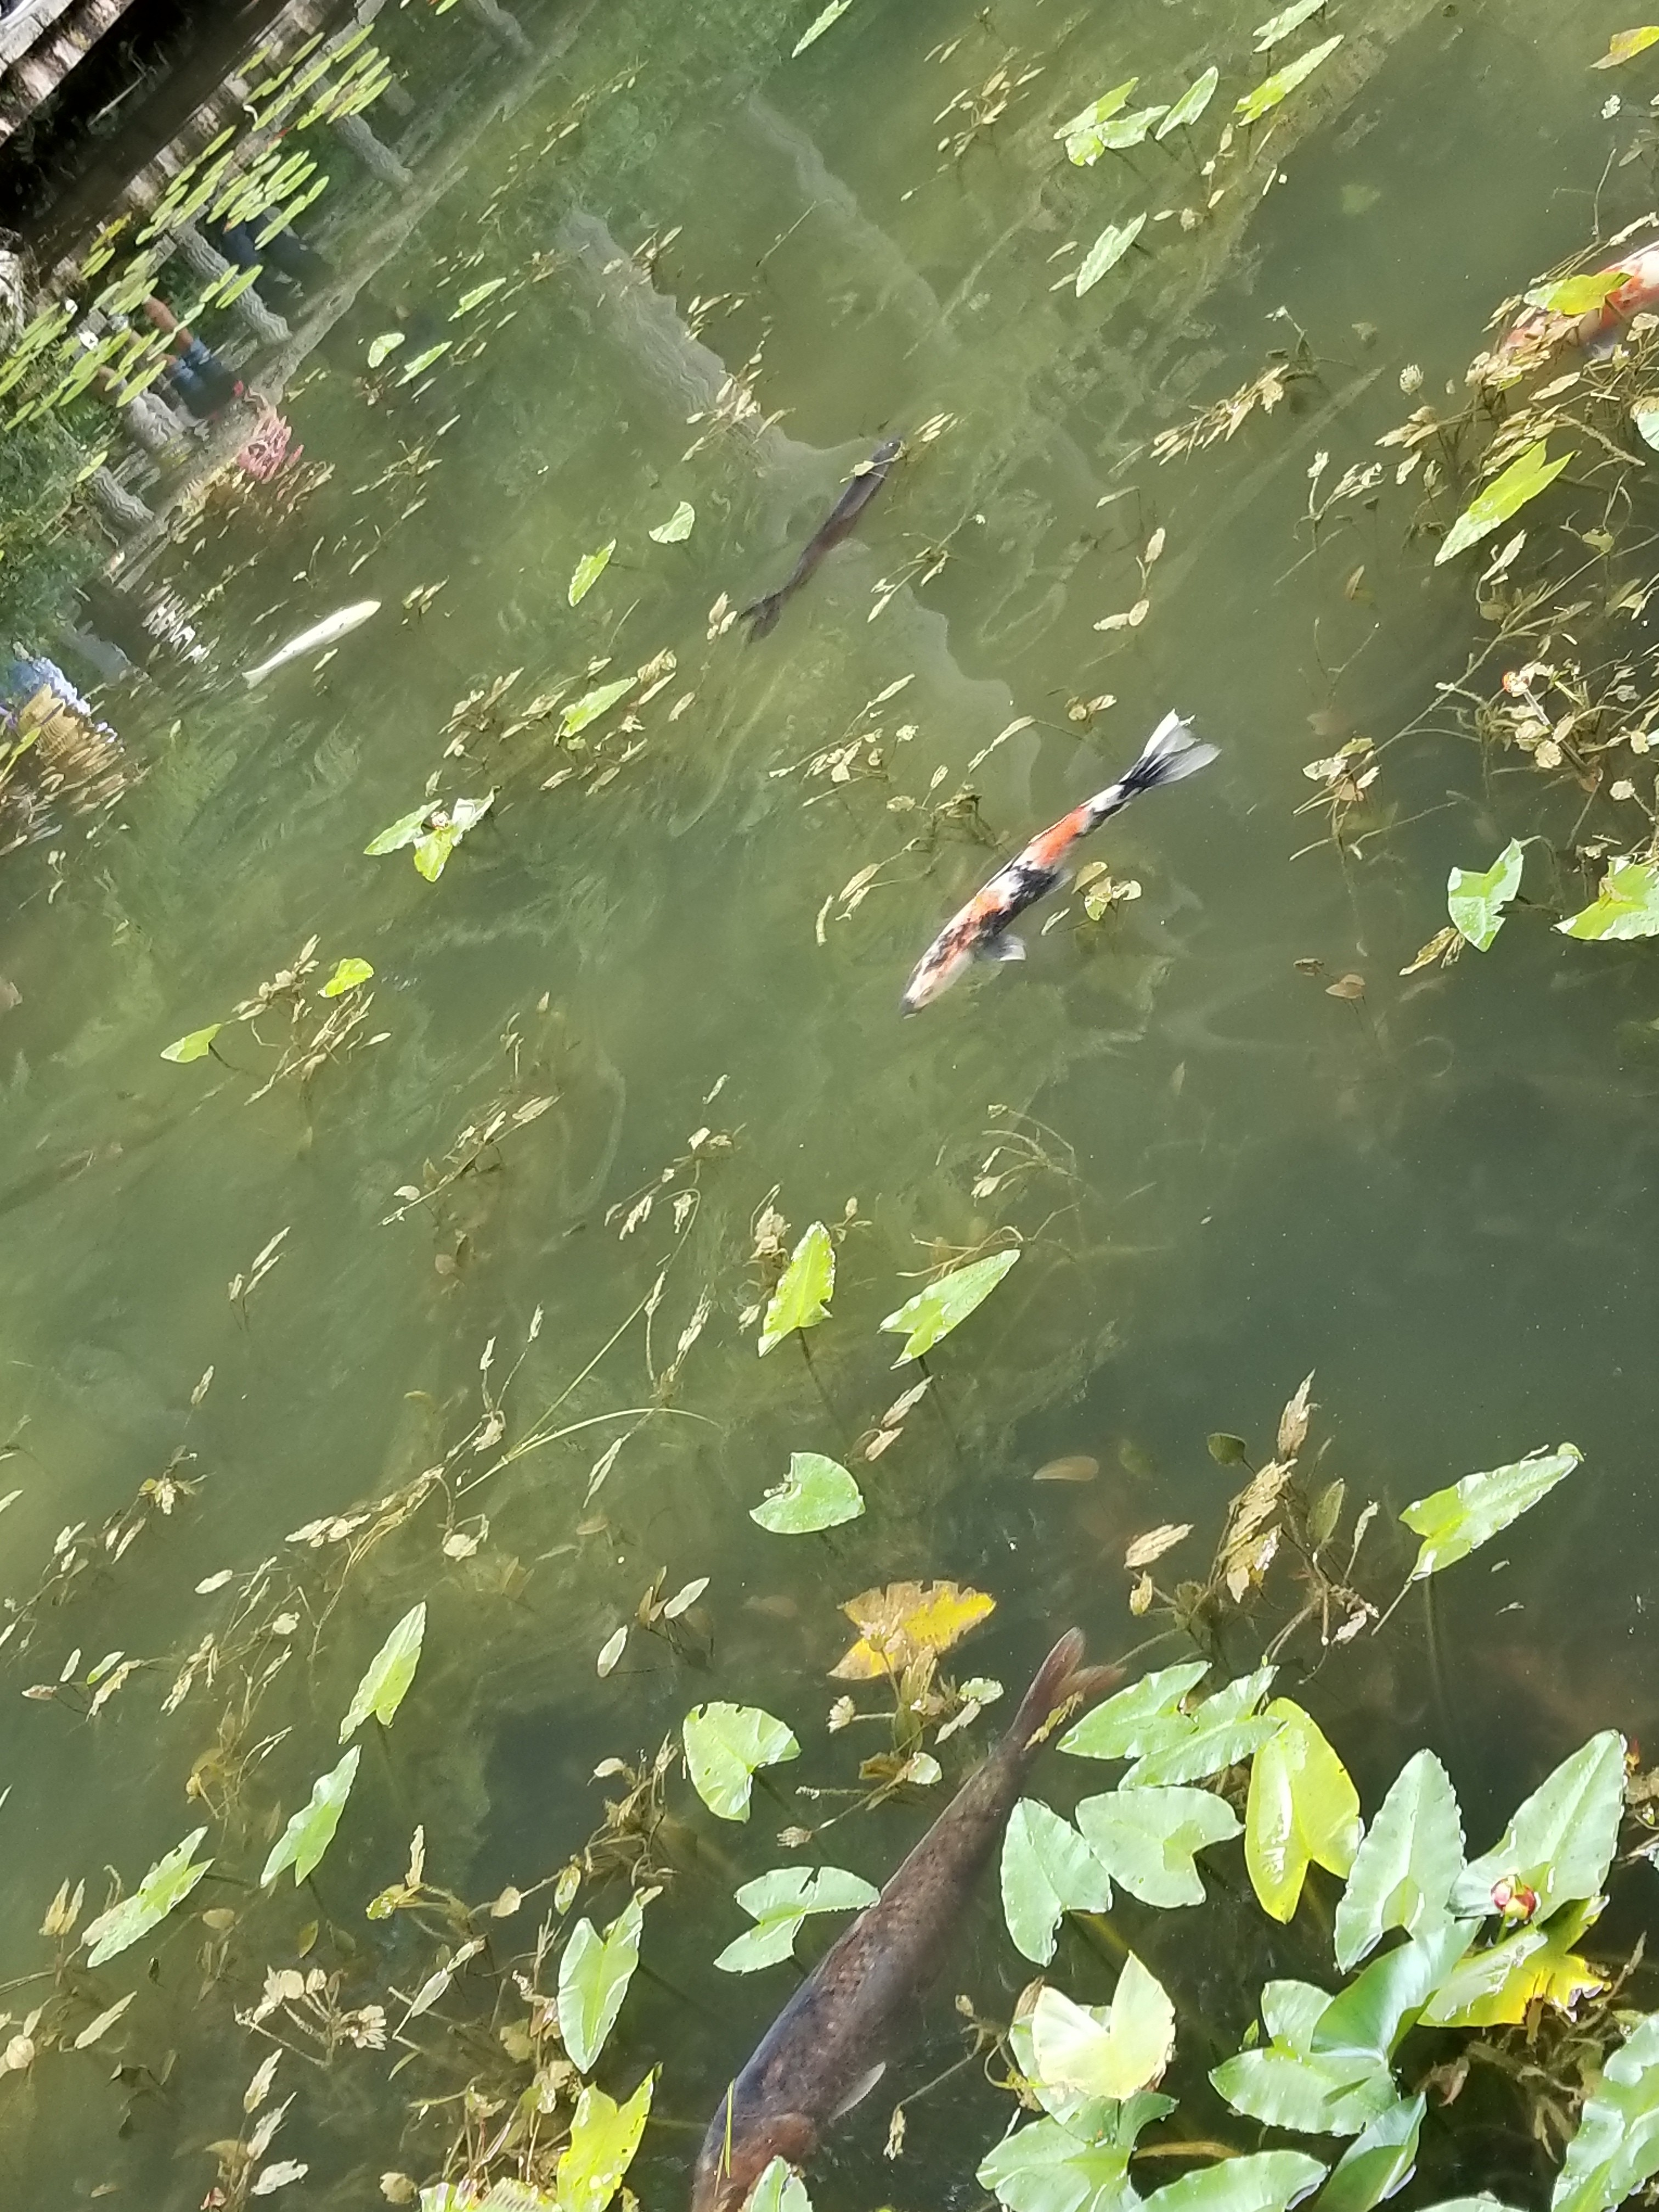 あの話題になったモネの池に行ってきました!